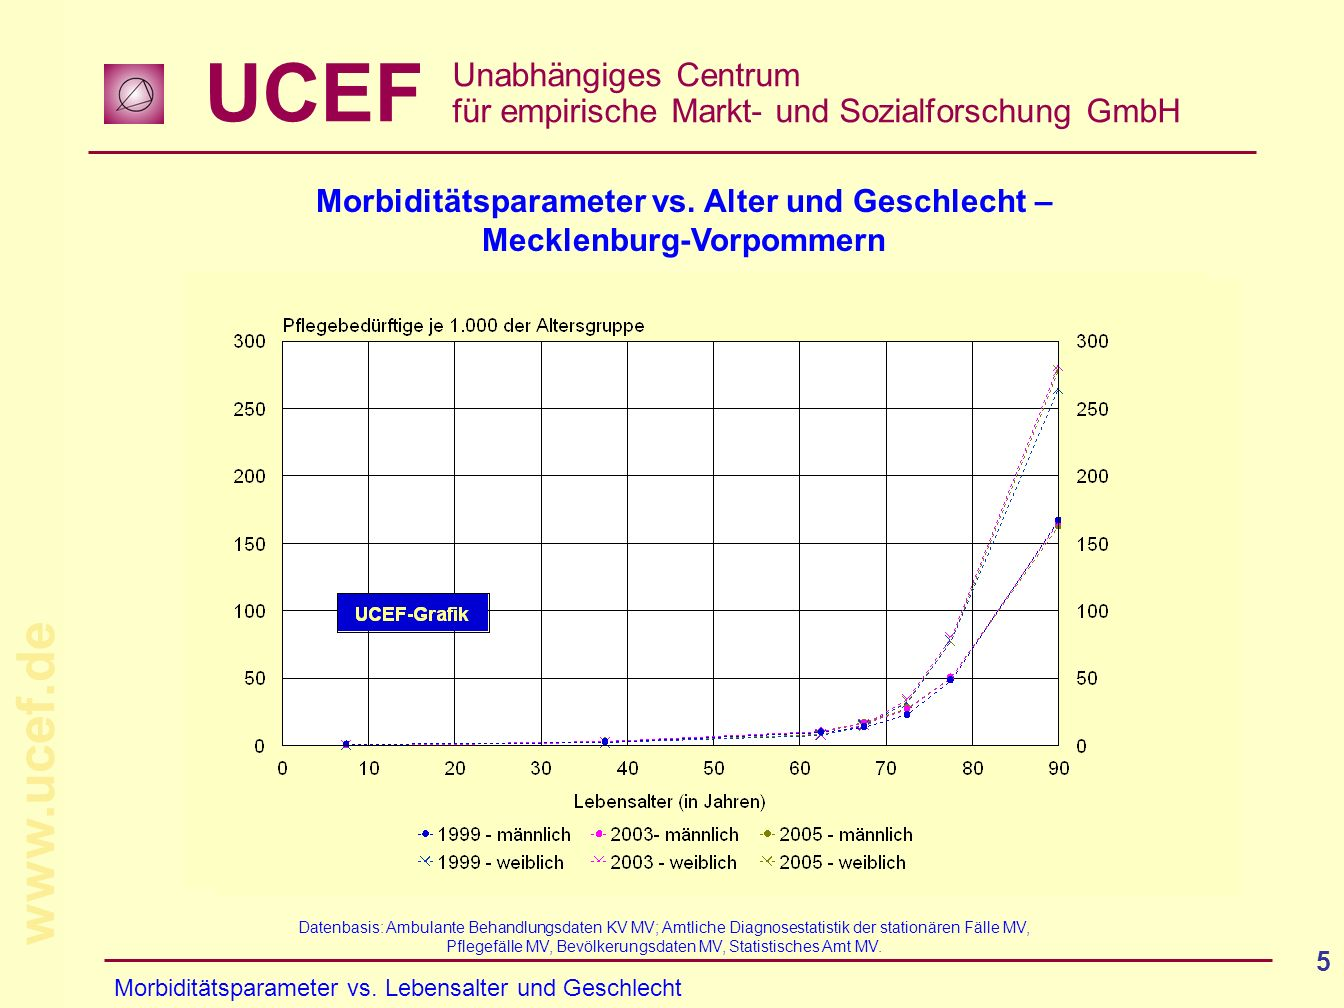 Morbiditätsparameter vs. Alter und Geschlecht – Mecklenburg-Vorpommern